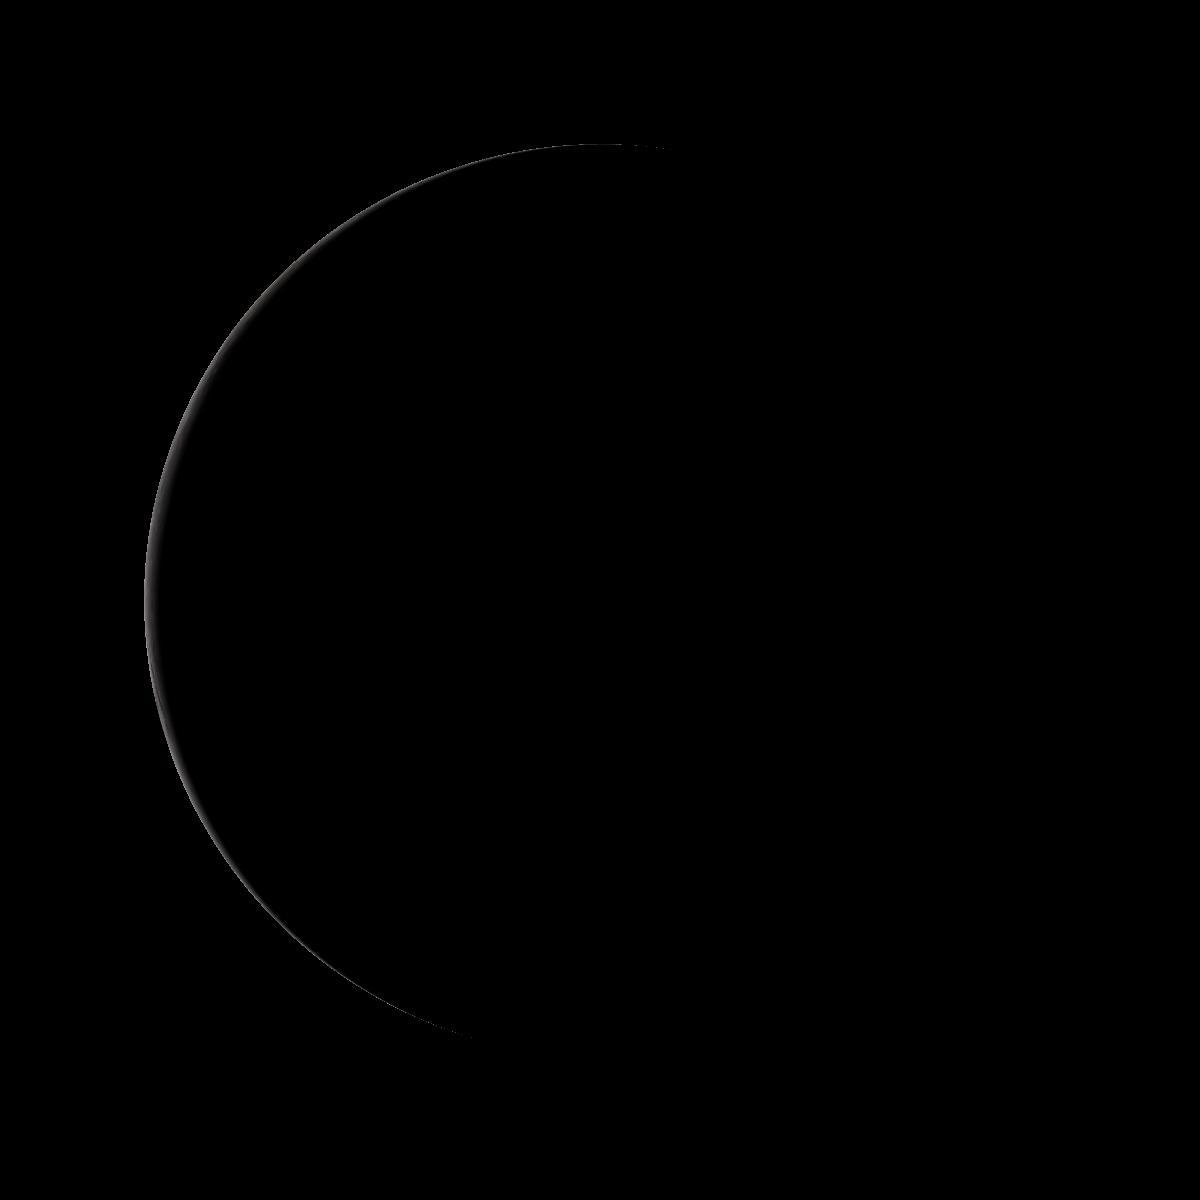 Lune du 20 juin 2020